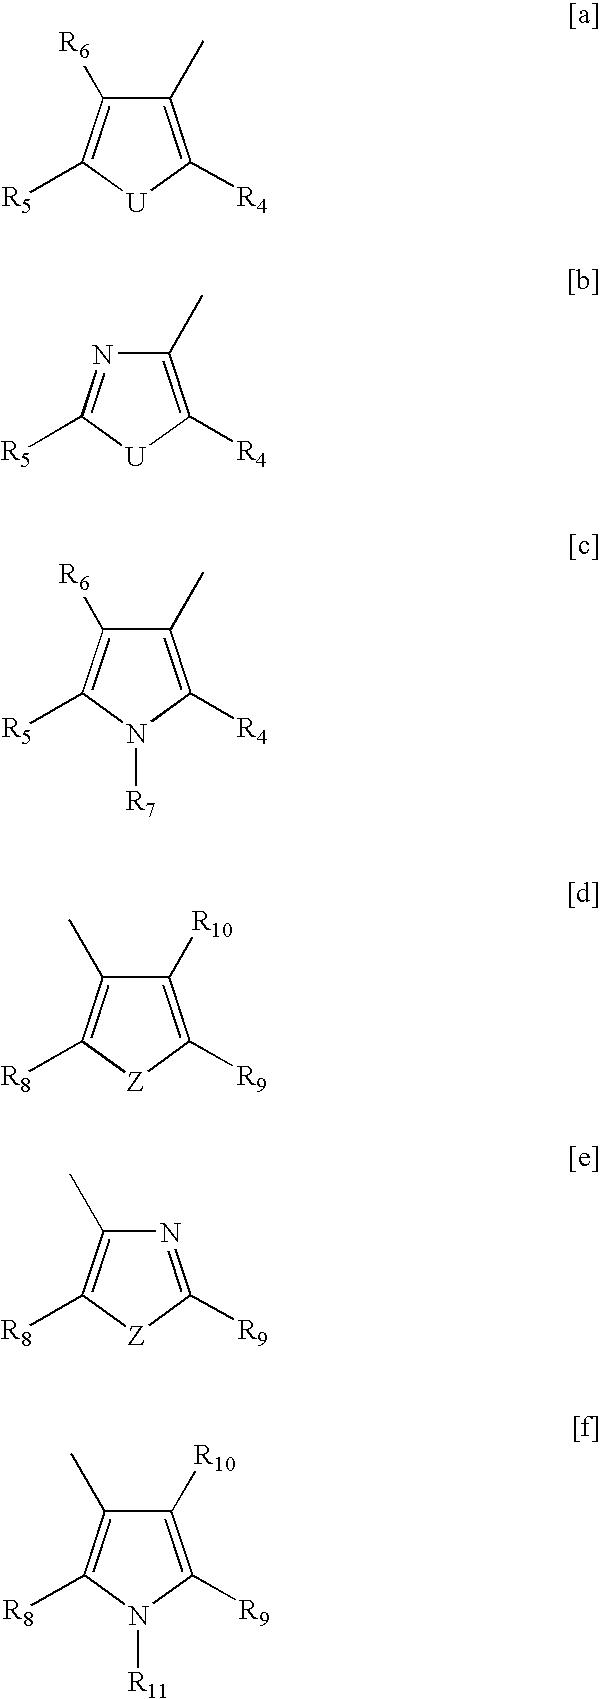 Figure US20080311494A1-20081218-C00008